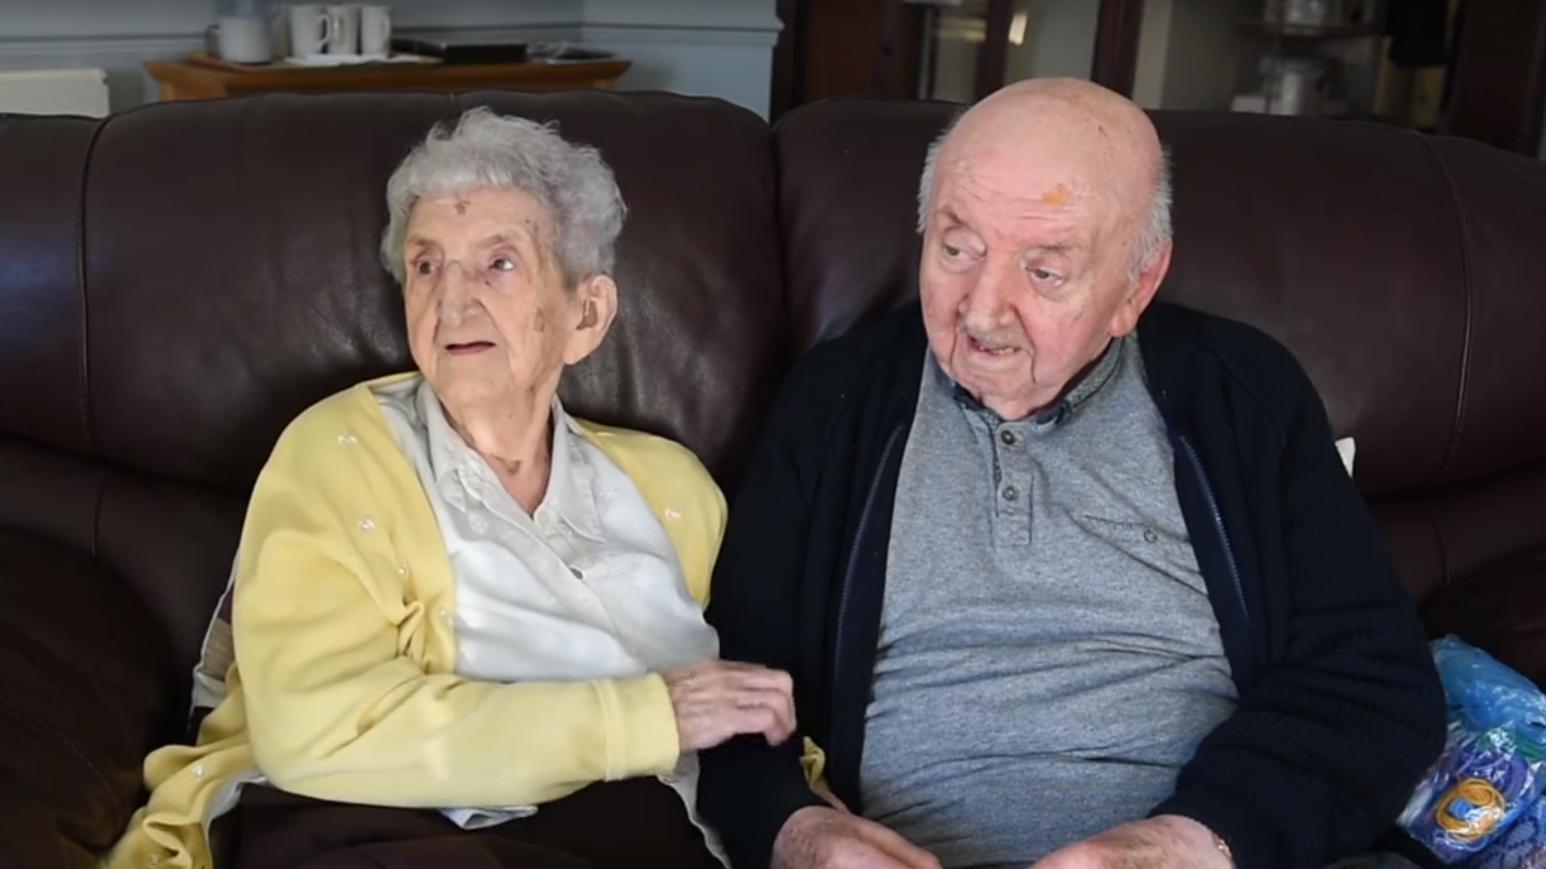 Ada Keating ist mit 98 Jahren zu ihrem Sohn (80)ins Altersheim gezogen.